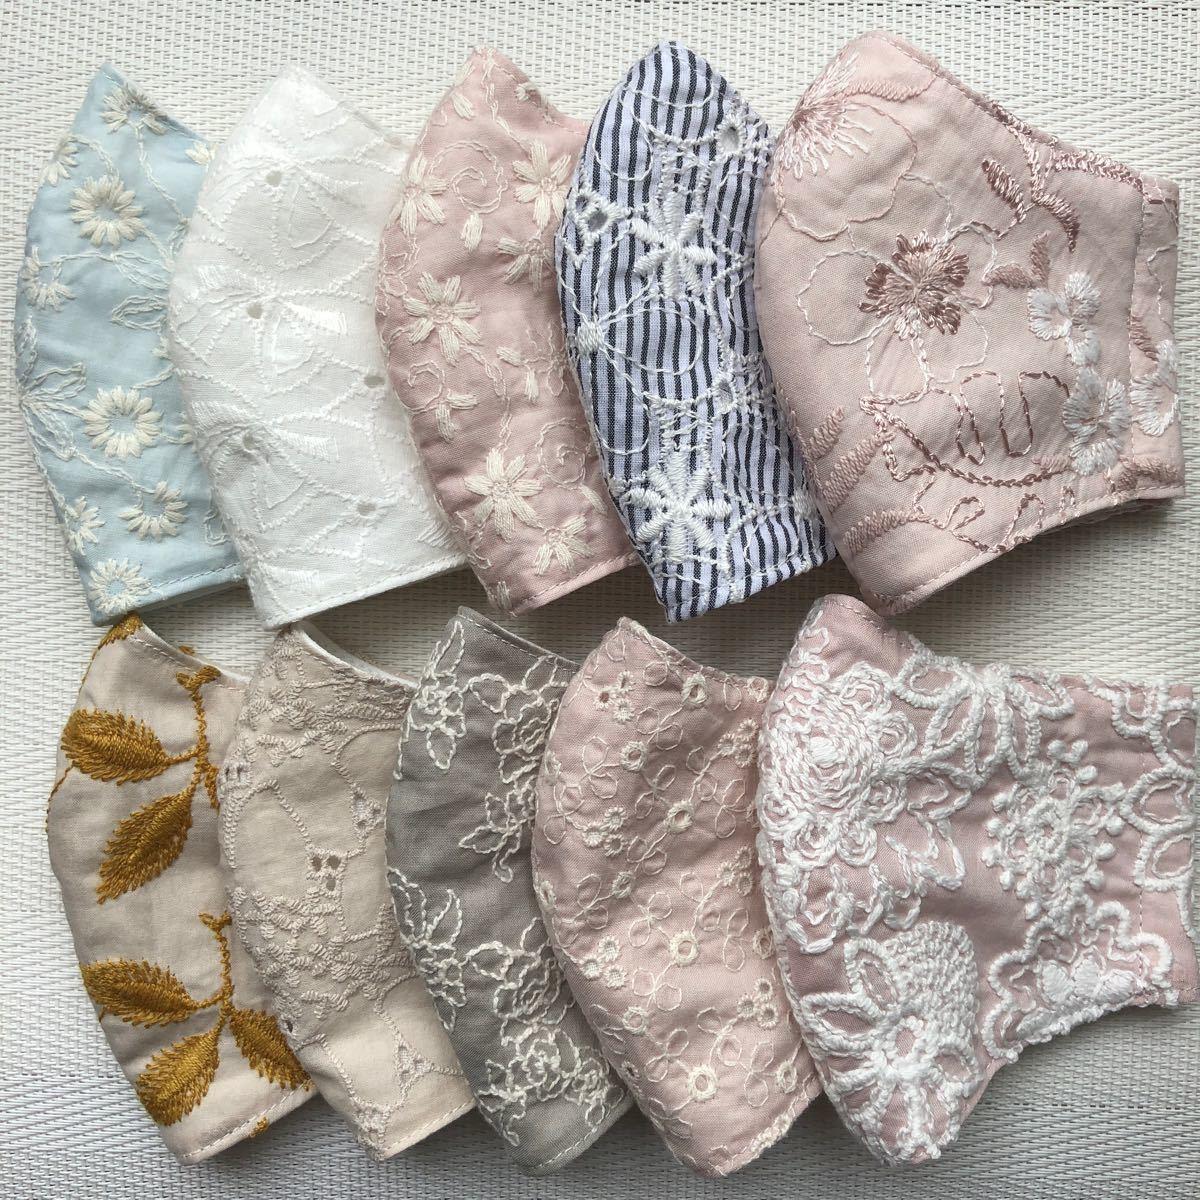 立体インナーカバー 花柄刺繍生地 コットンレース 10枚セット